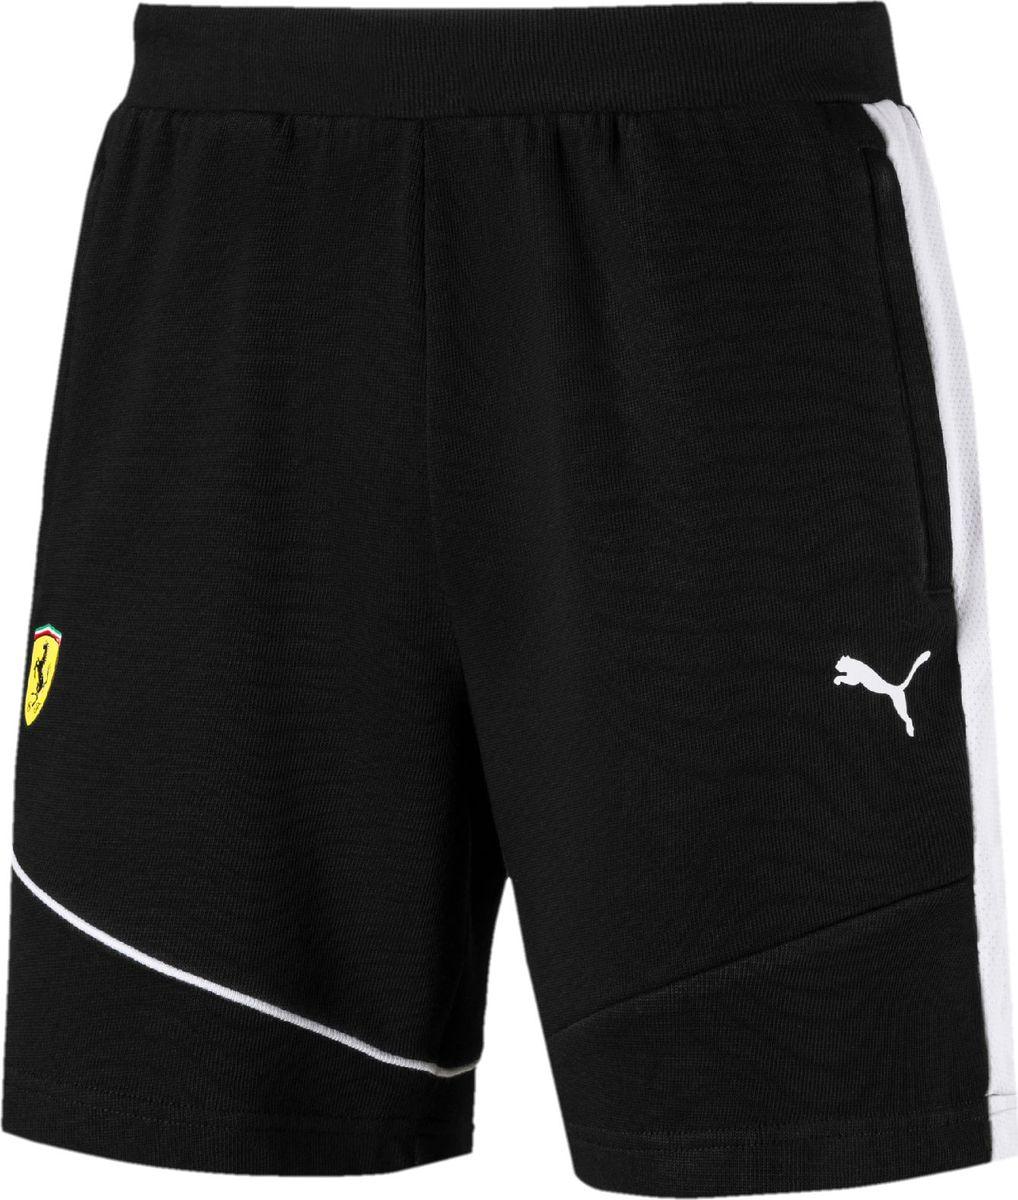 Шорты PUMA SF Sweat Shorts недорго, оригинальная цена